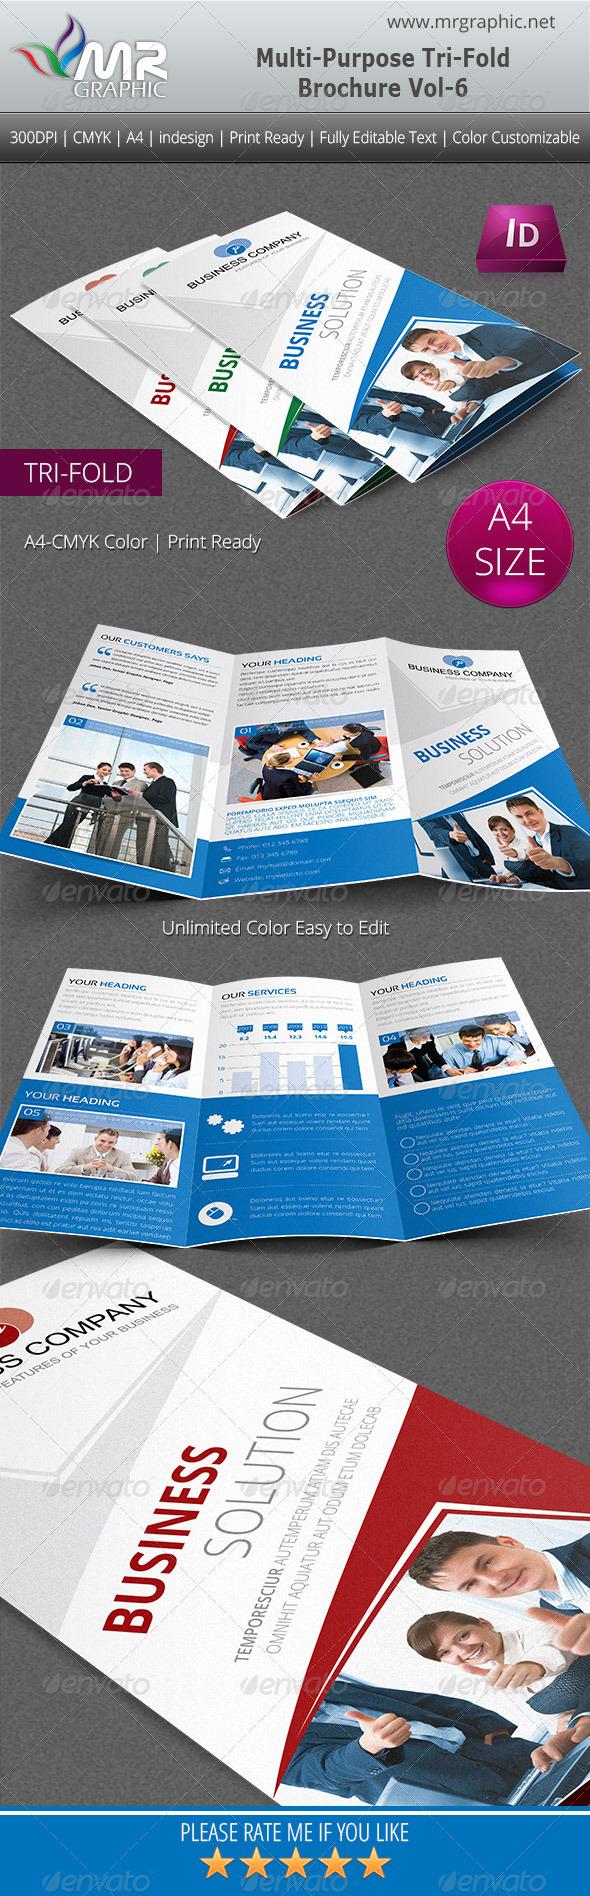 GraphicRiver Multipurpose Business Tri-Fold Brochure Vol-6 4908489